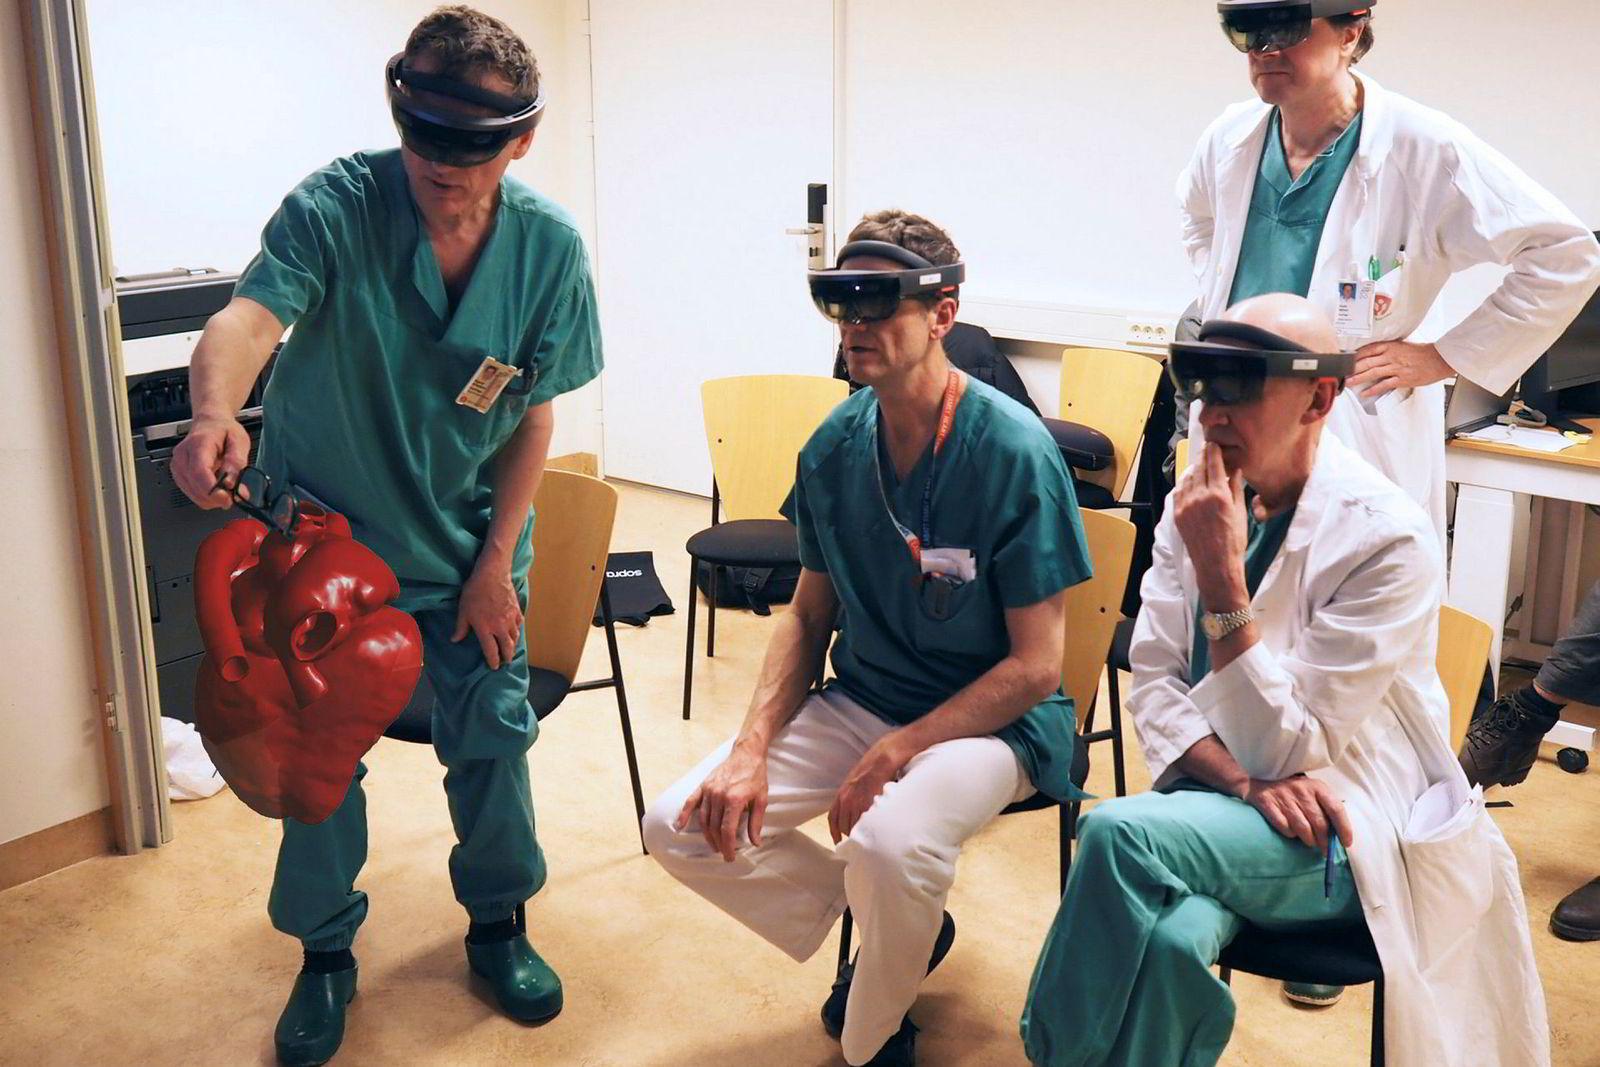 Illustrasjon. AR og VR kan for eksempel hjelpe kirurger til å forberede operasjoner bedre og simulere inngrep.